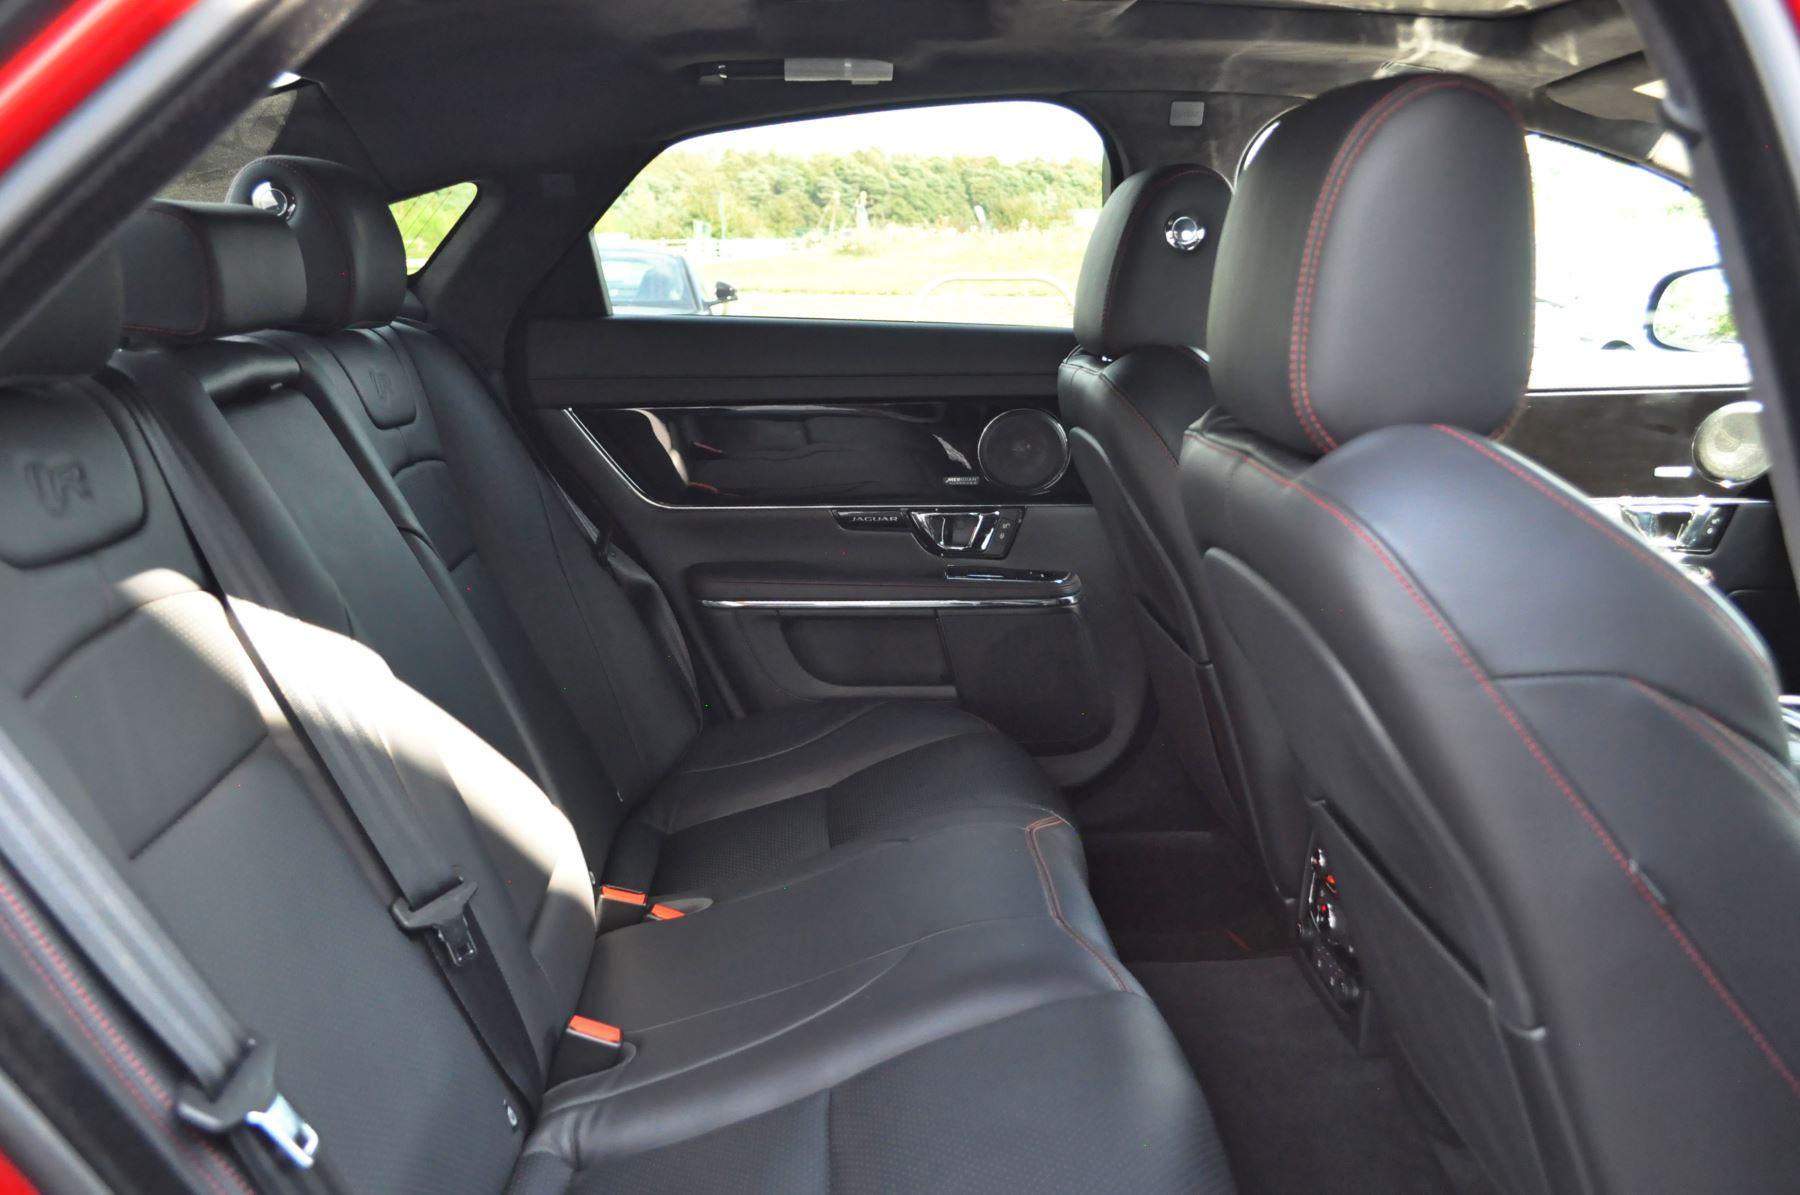 Jaguar XJ 5.0 V8 Supercharged XJR image 17